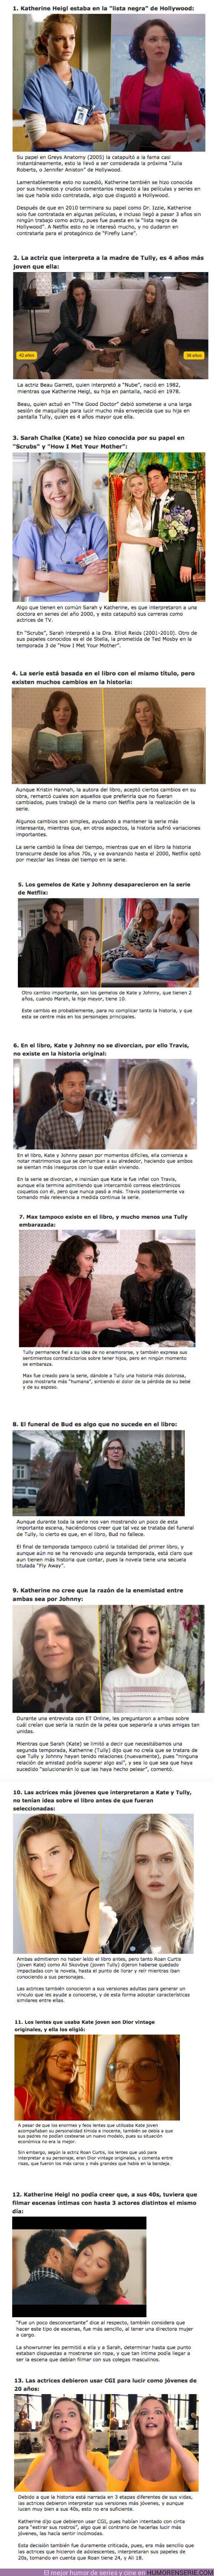 """68493 - GALERÍA: 12 Curiosidades sobre la nueva serie de Netflix, """"El baile de las luciérnagas"""""""